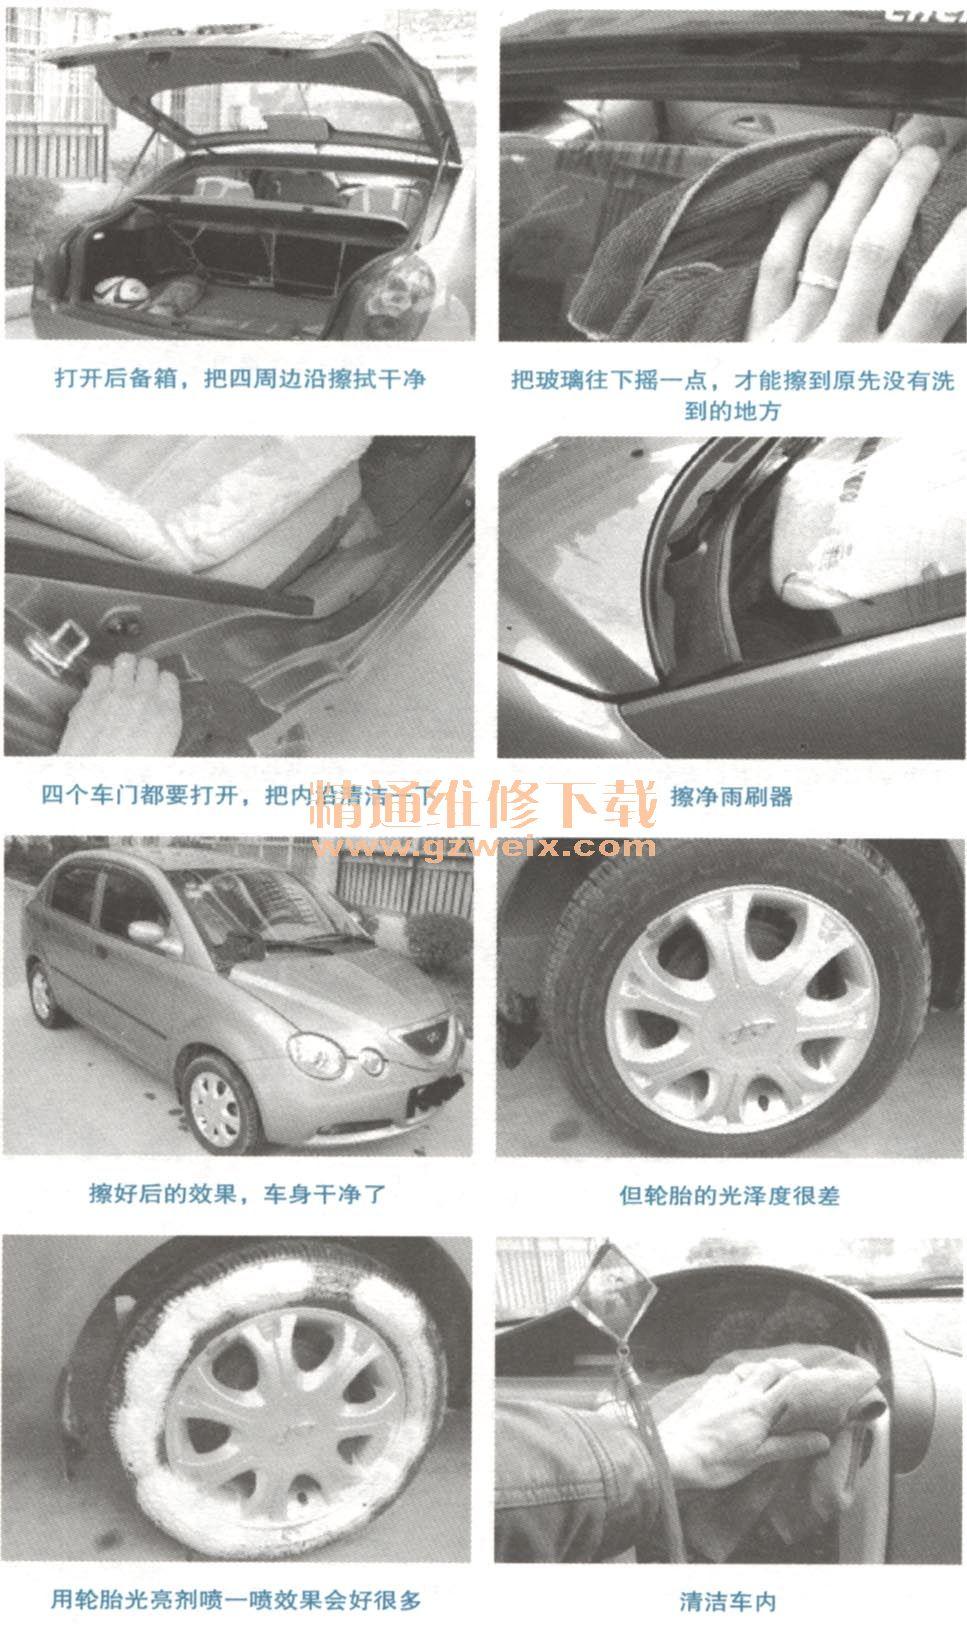 尤其在发动机尚未冷却时,冷水冲洗发动机舱容易造成汽车内部结构损高清图片